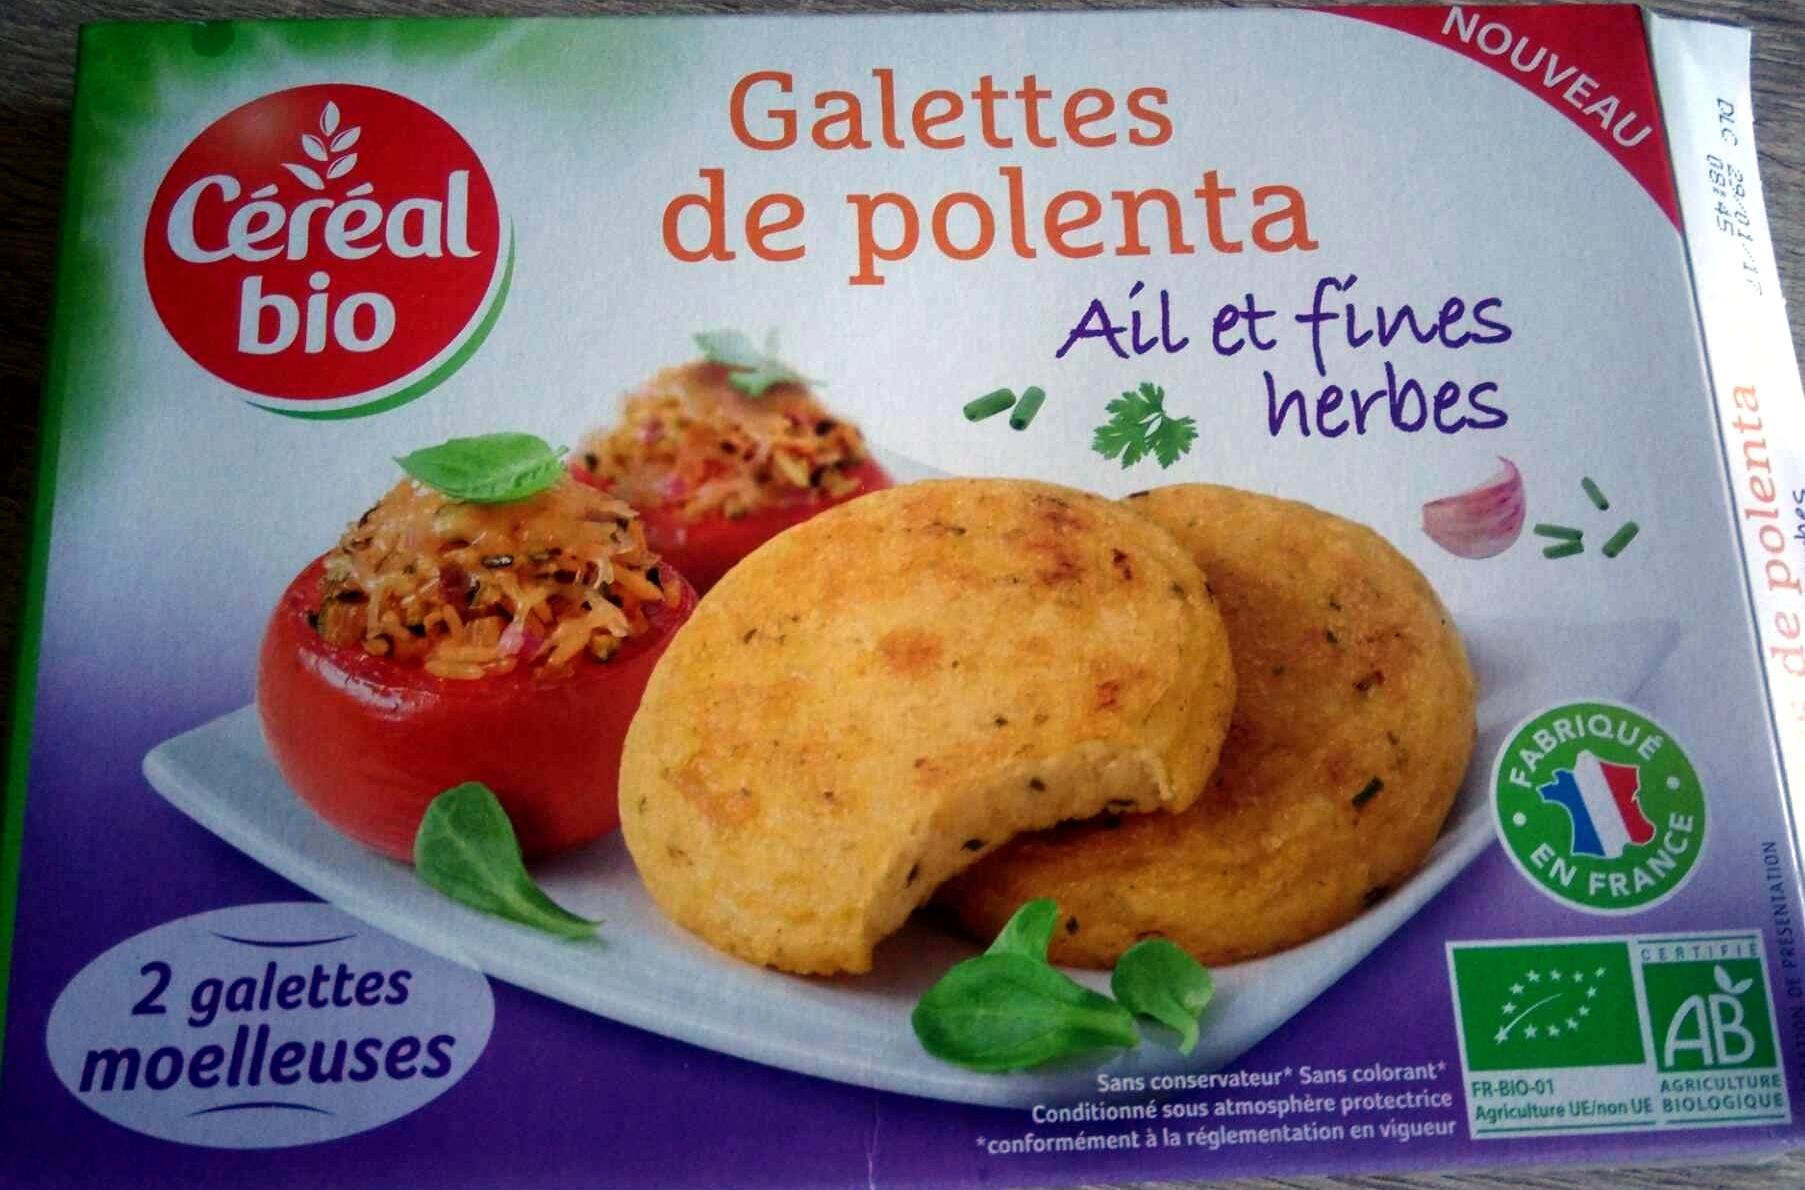 Galettes de polenta ail et fines herbes - Produit - fr